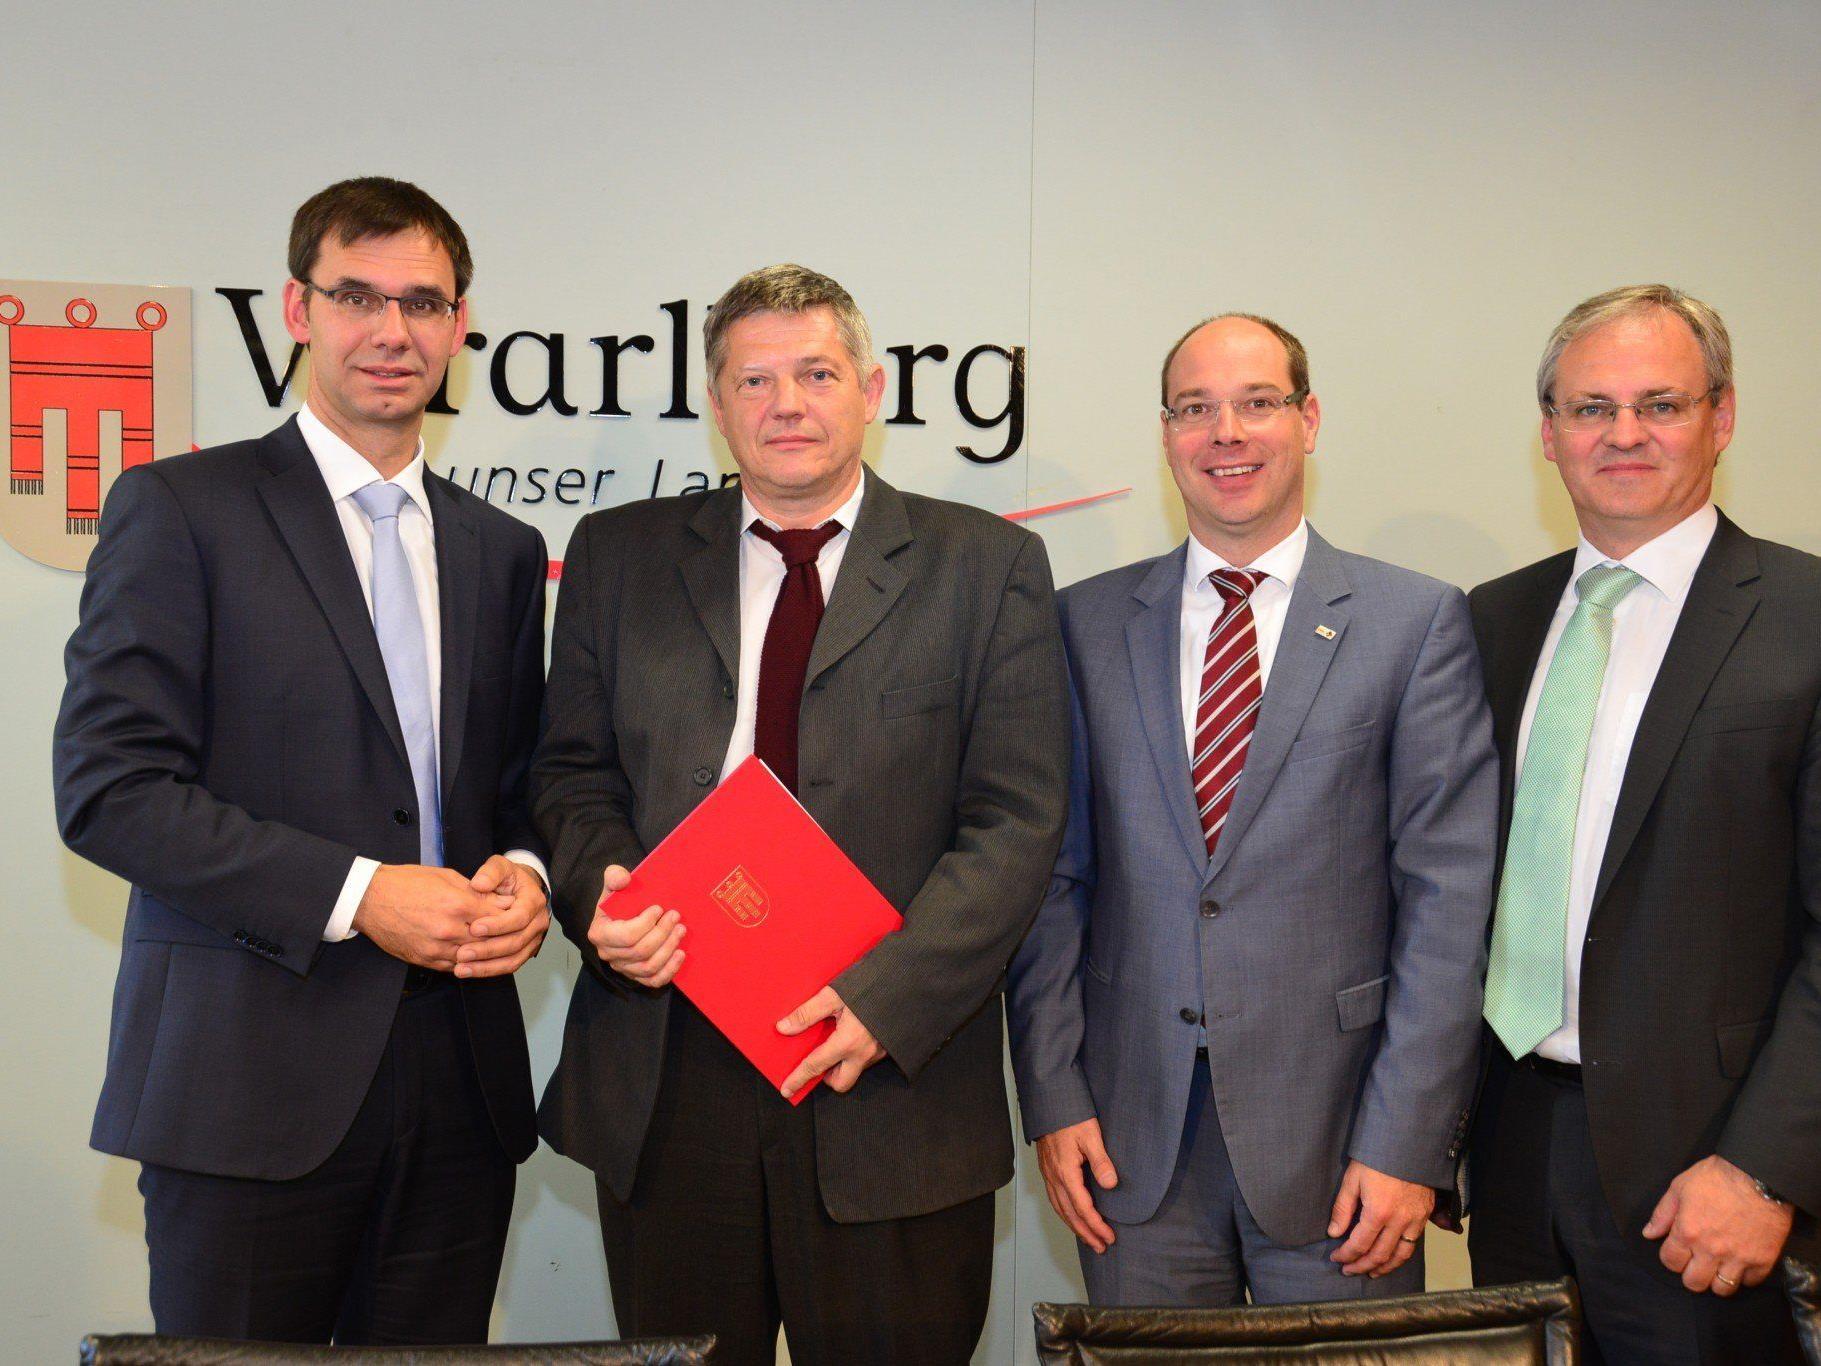 Der Landeshauptmann überreichte dem neu gewählten Leiter der FH Vorarlberg Oskar Müller das Ernennungsdekret zum Rektor.